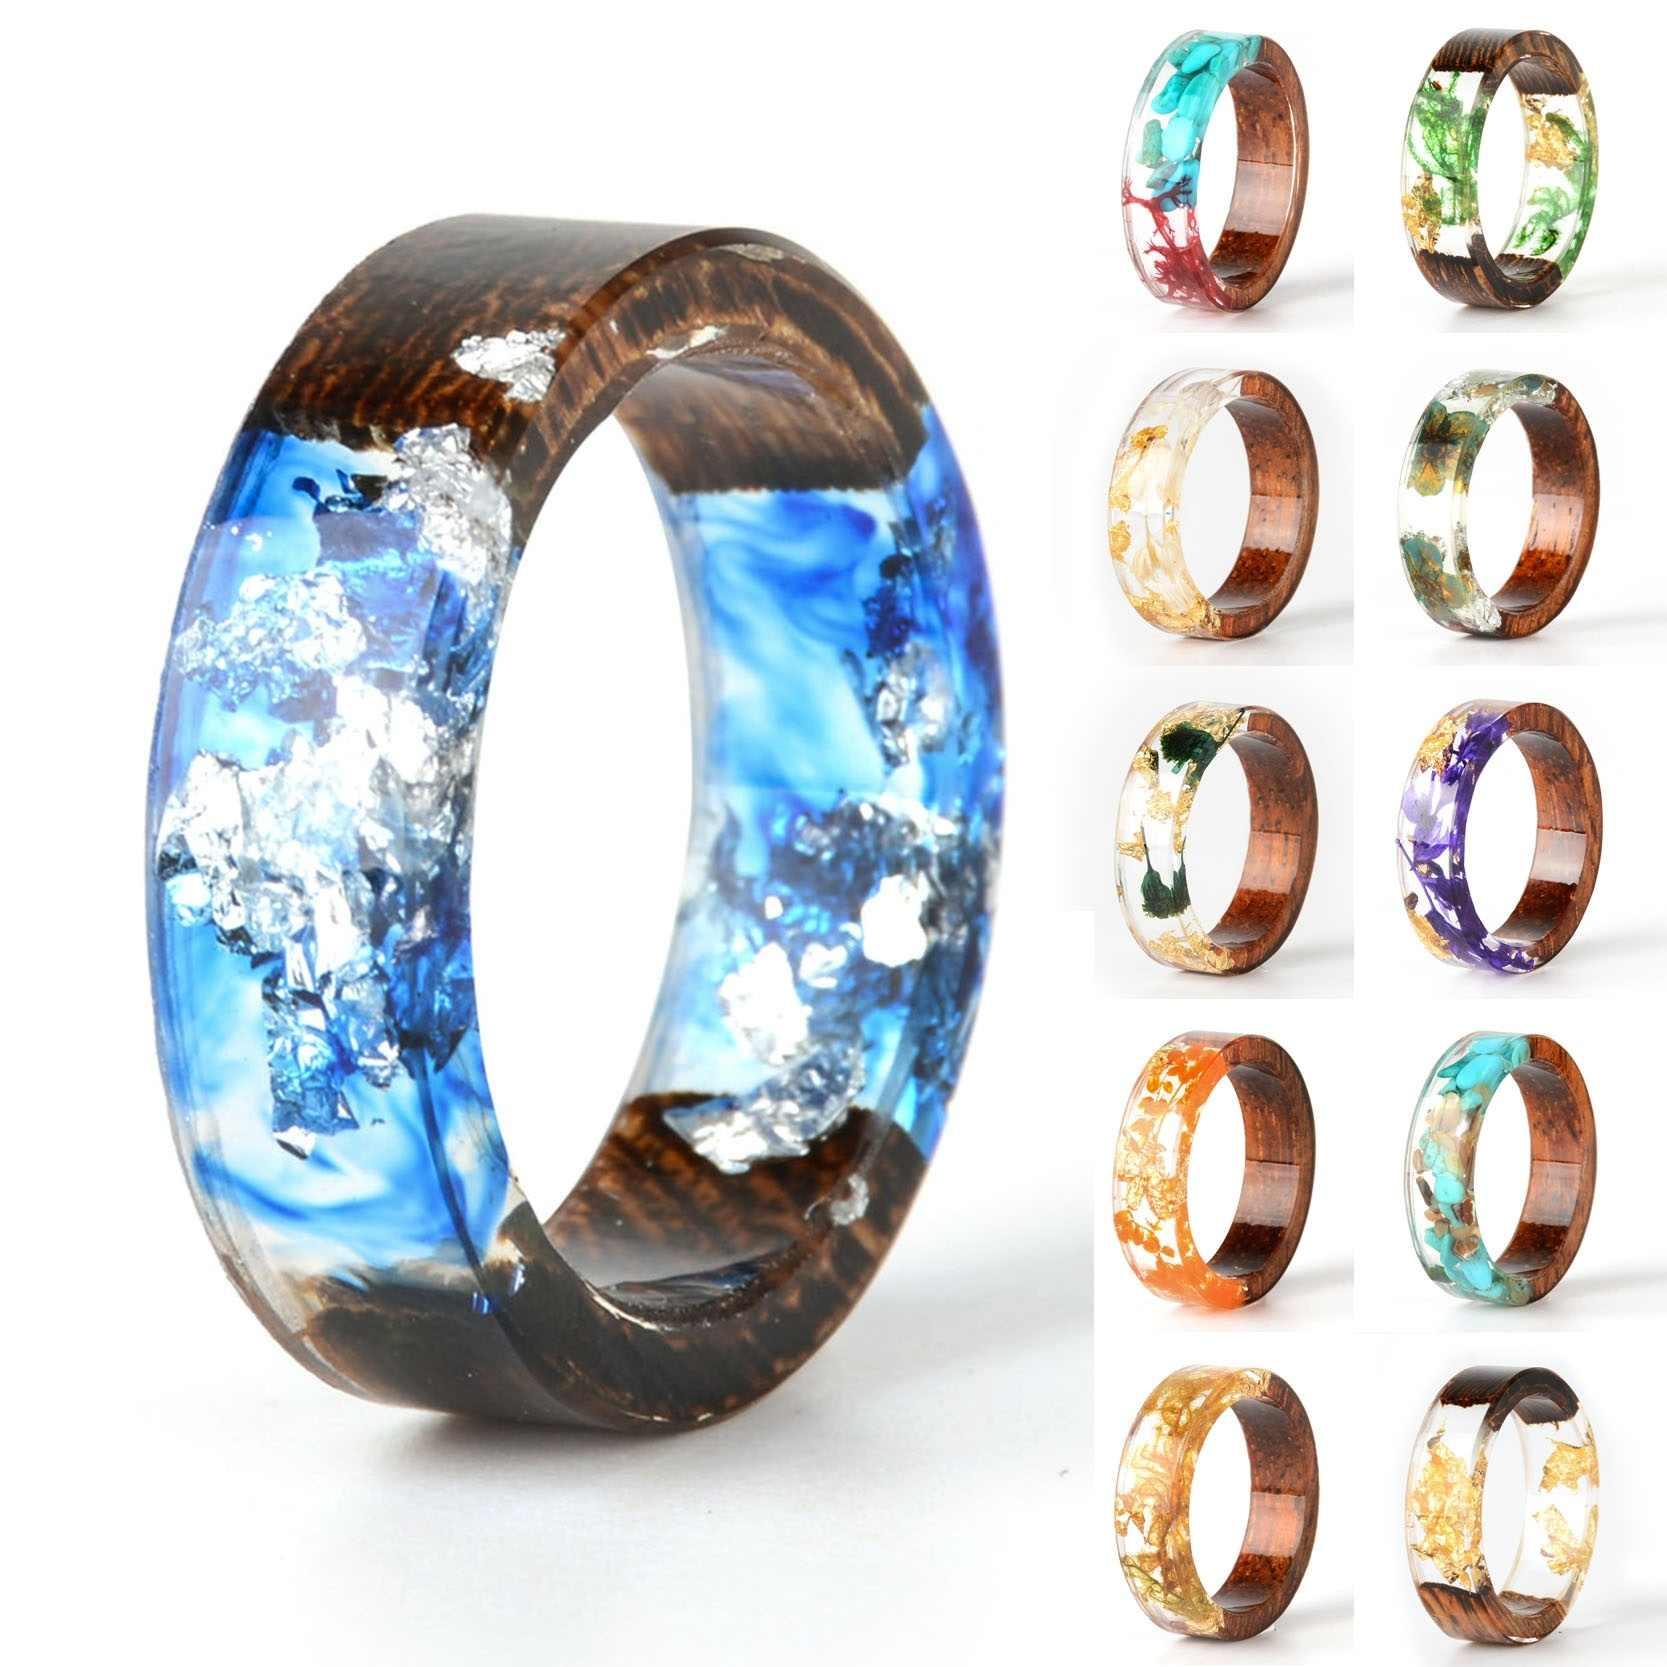 Handmade DIY romantyczny suszone prawdziwy kwiat drewna pierścień z żywicy złota folia wewnątrz pierścienia kobiety Wedding Party pierścień prezent dla ukochanej osoby